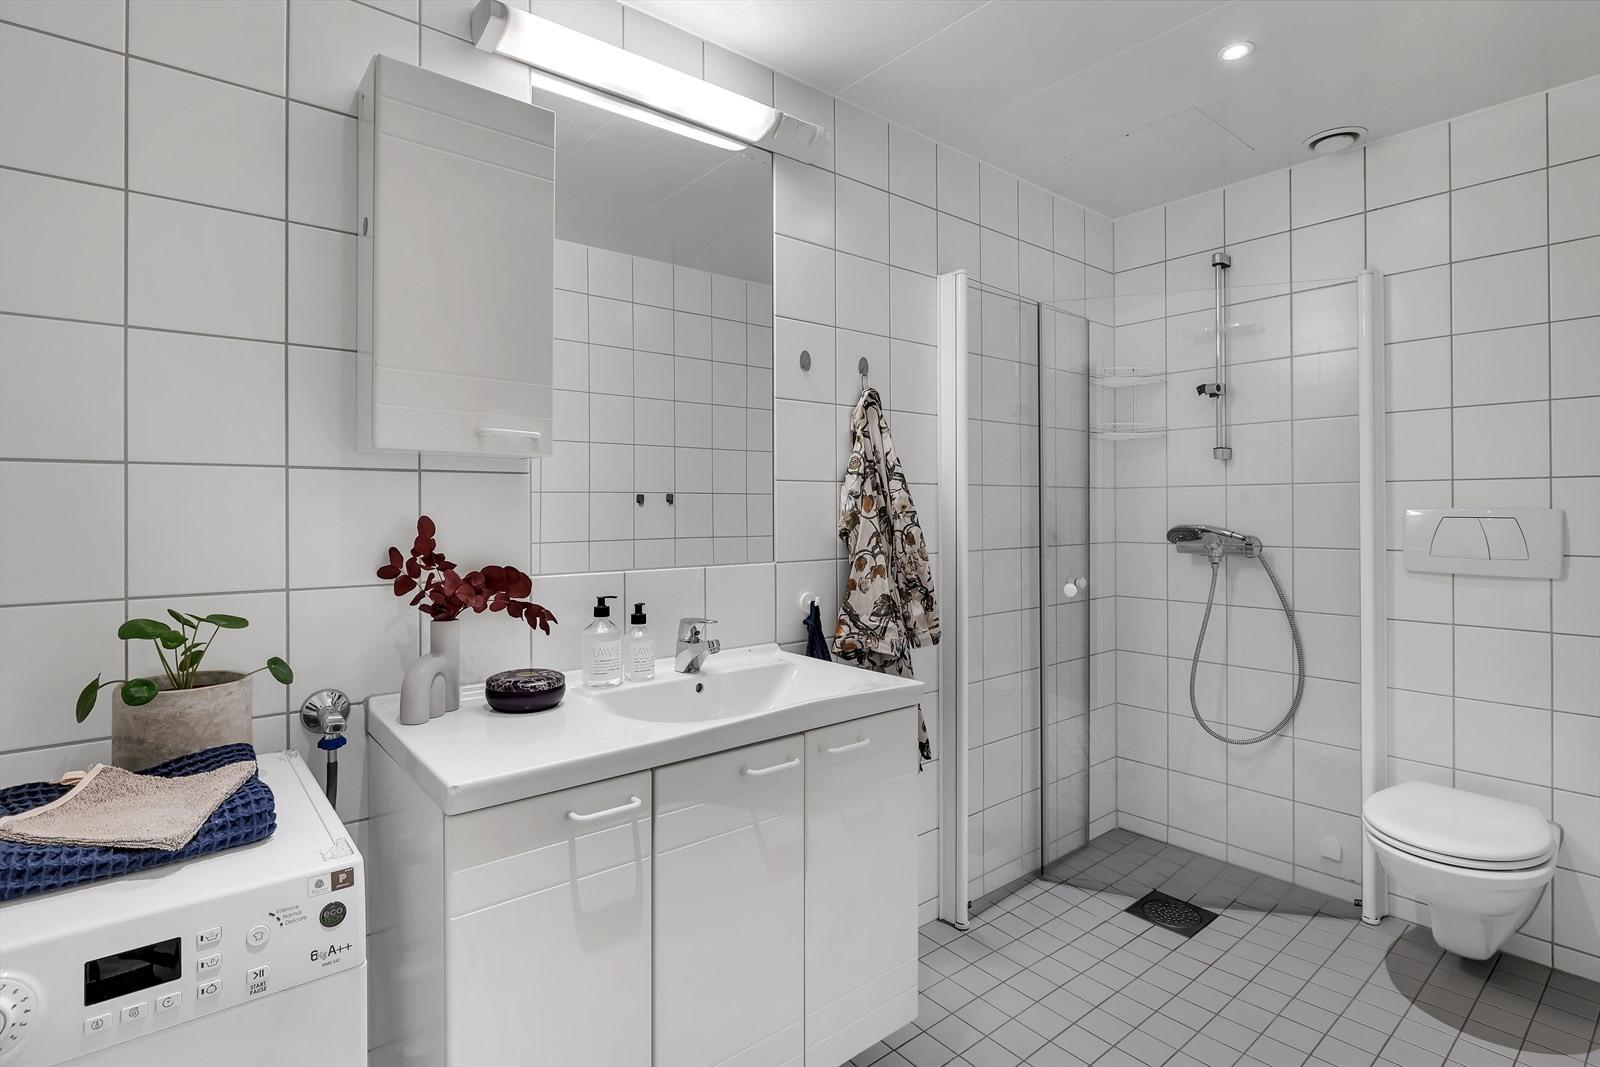 Badrom med vegghengt toalett og dusjvegger.